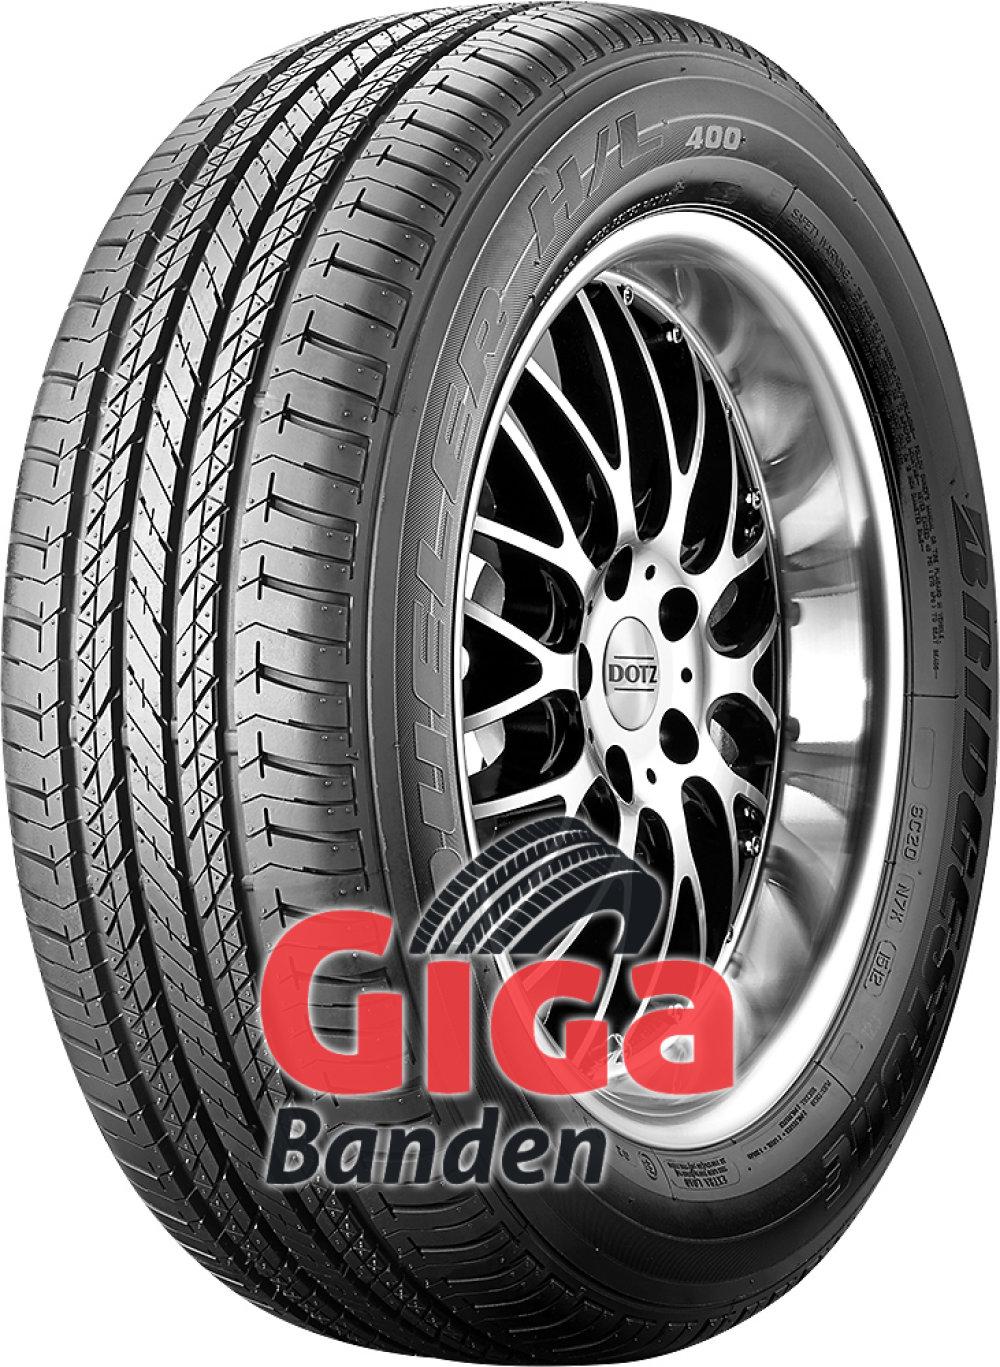 Bridgestone Dueler H/L 400 ( 225/55 R18 98V )